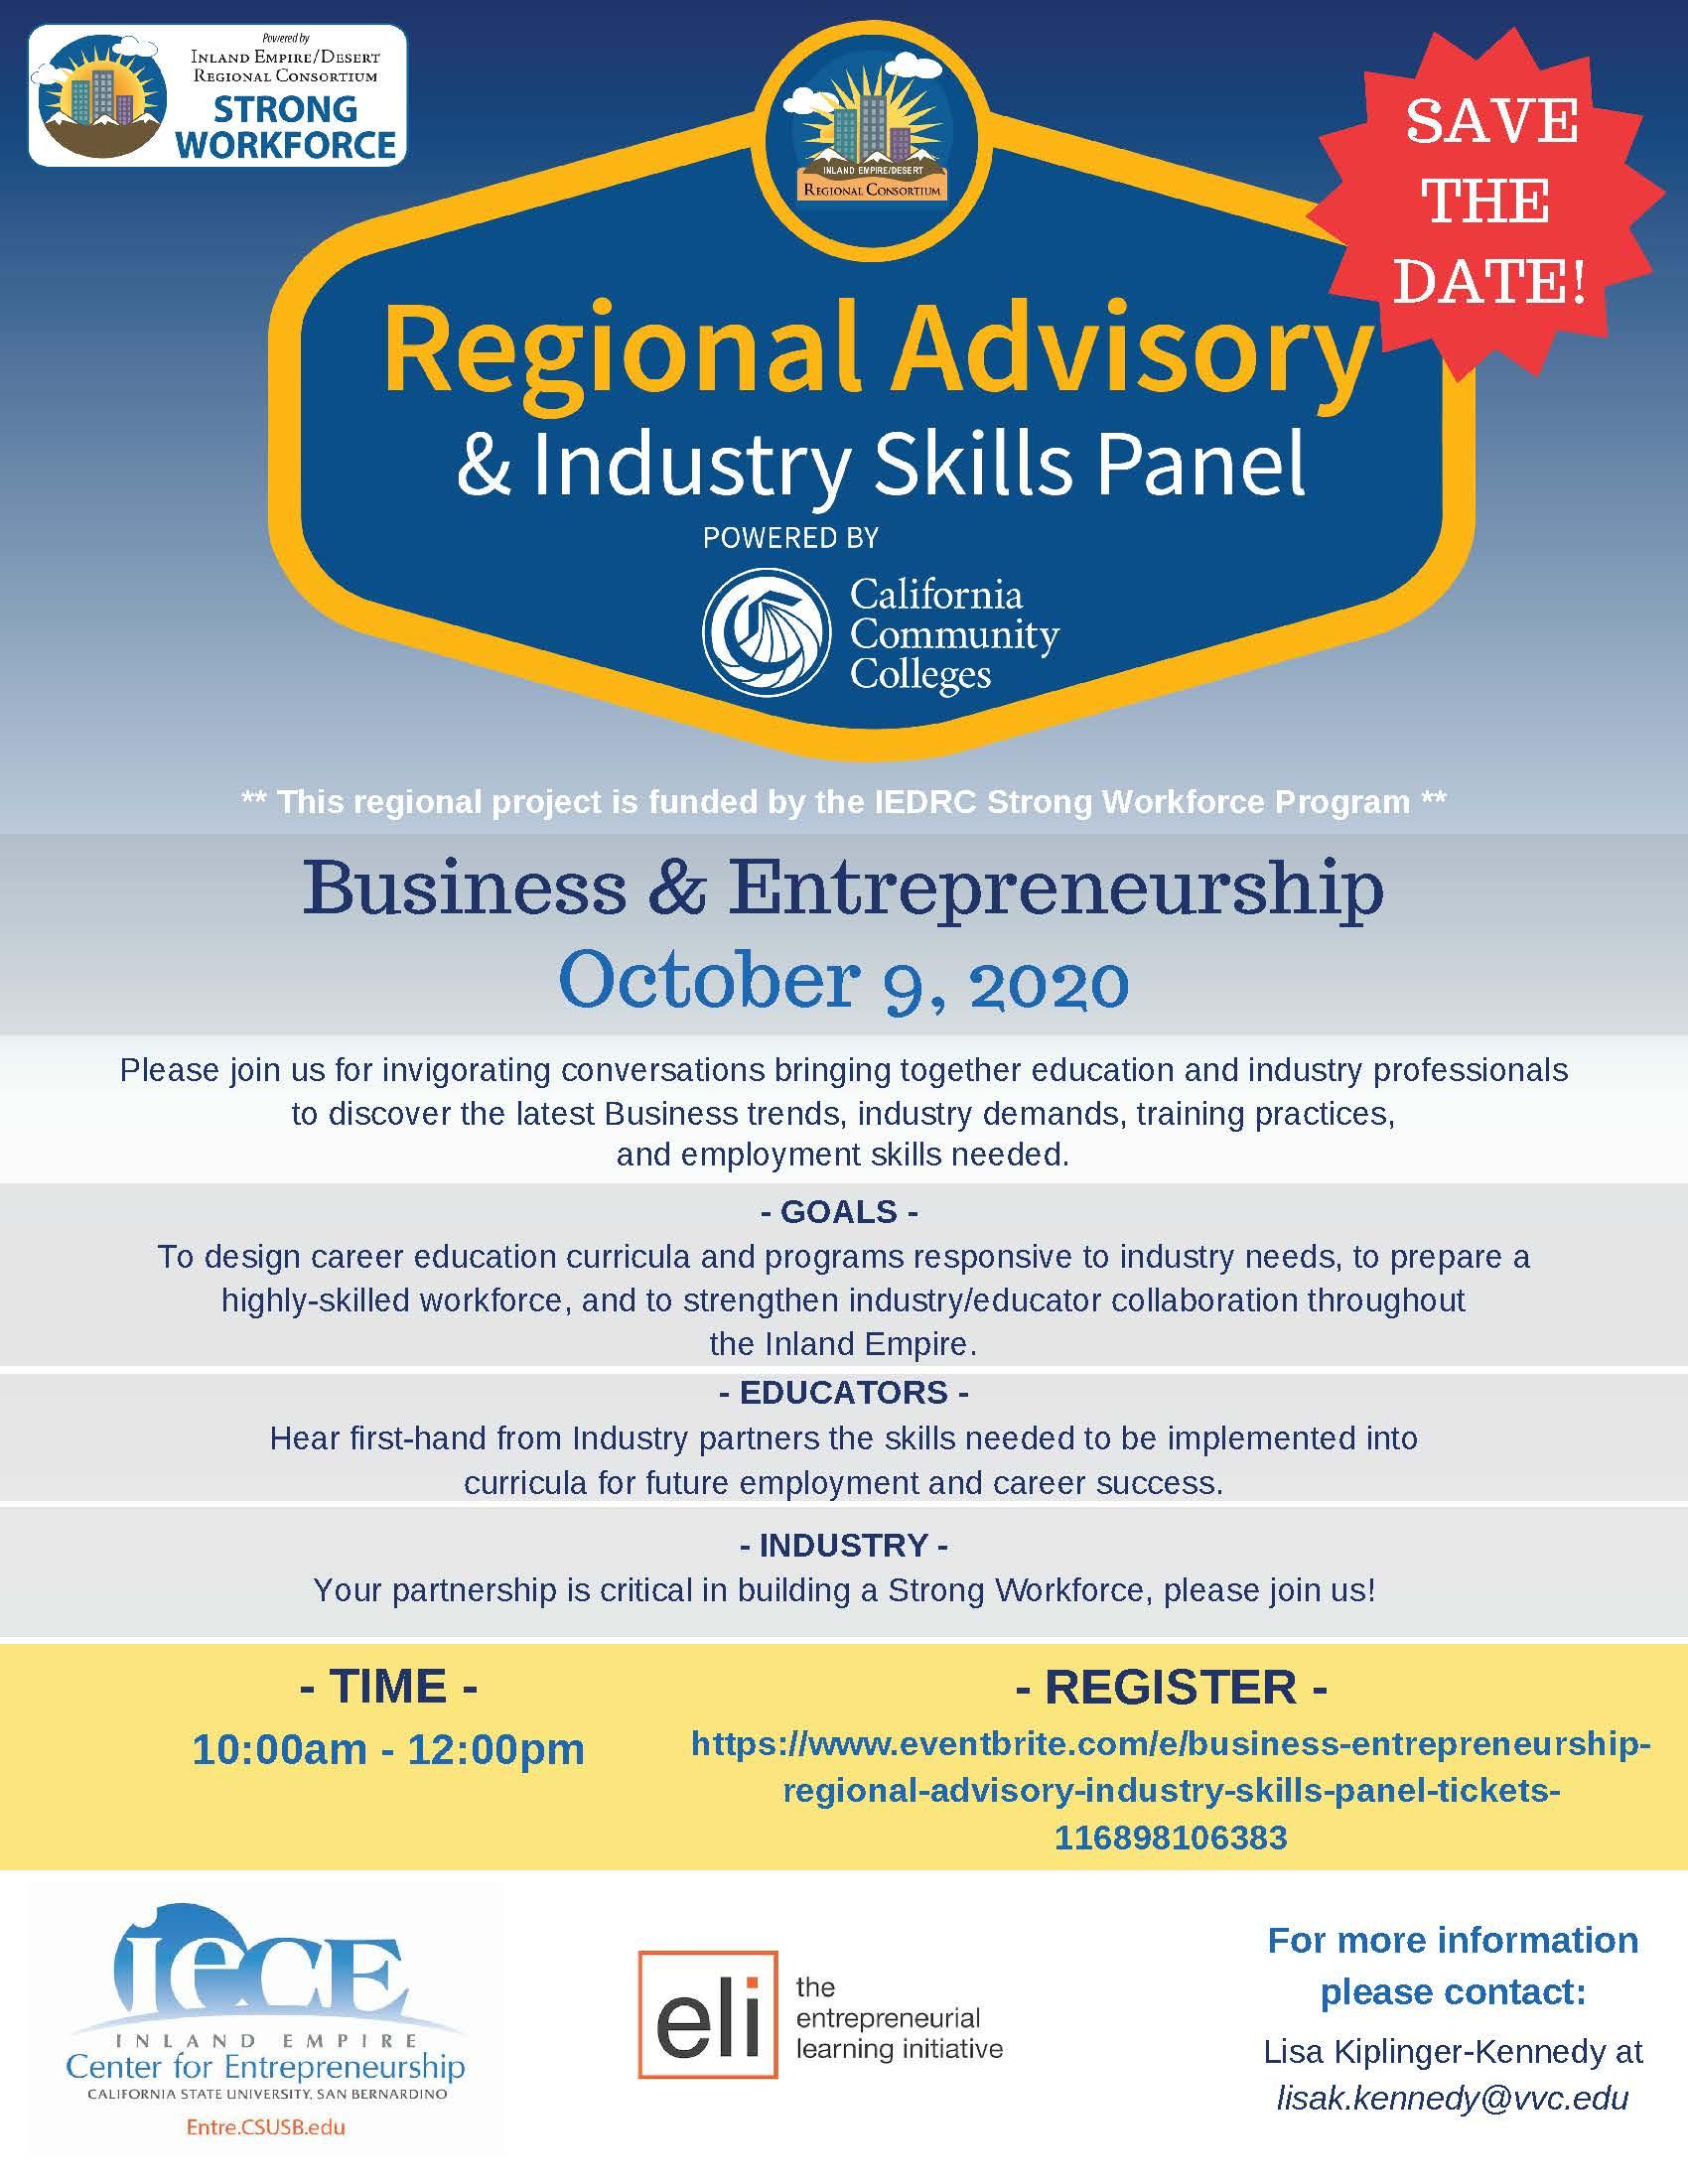 Business & Entrepreneurship Regional Advisory & Industry Skills Panel